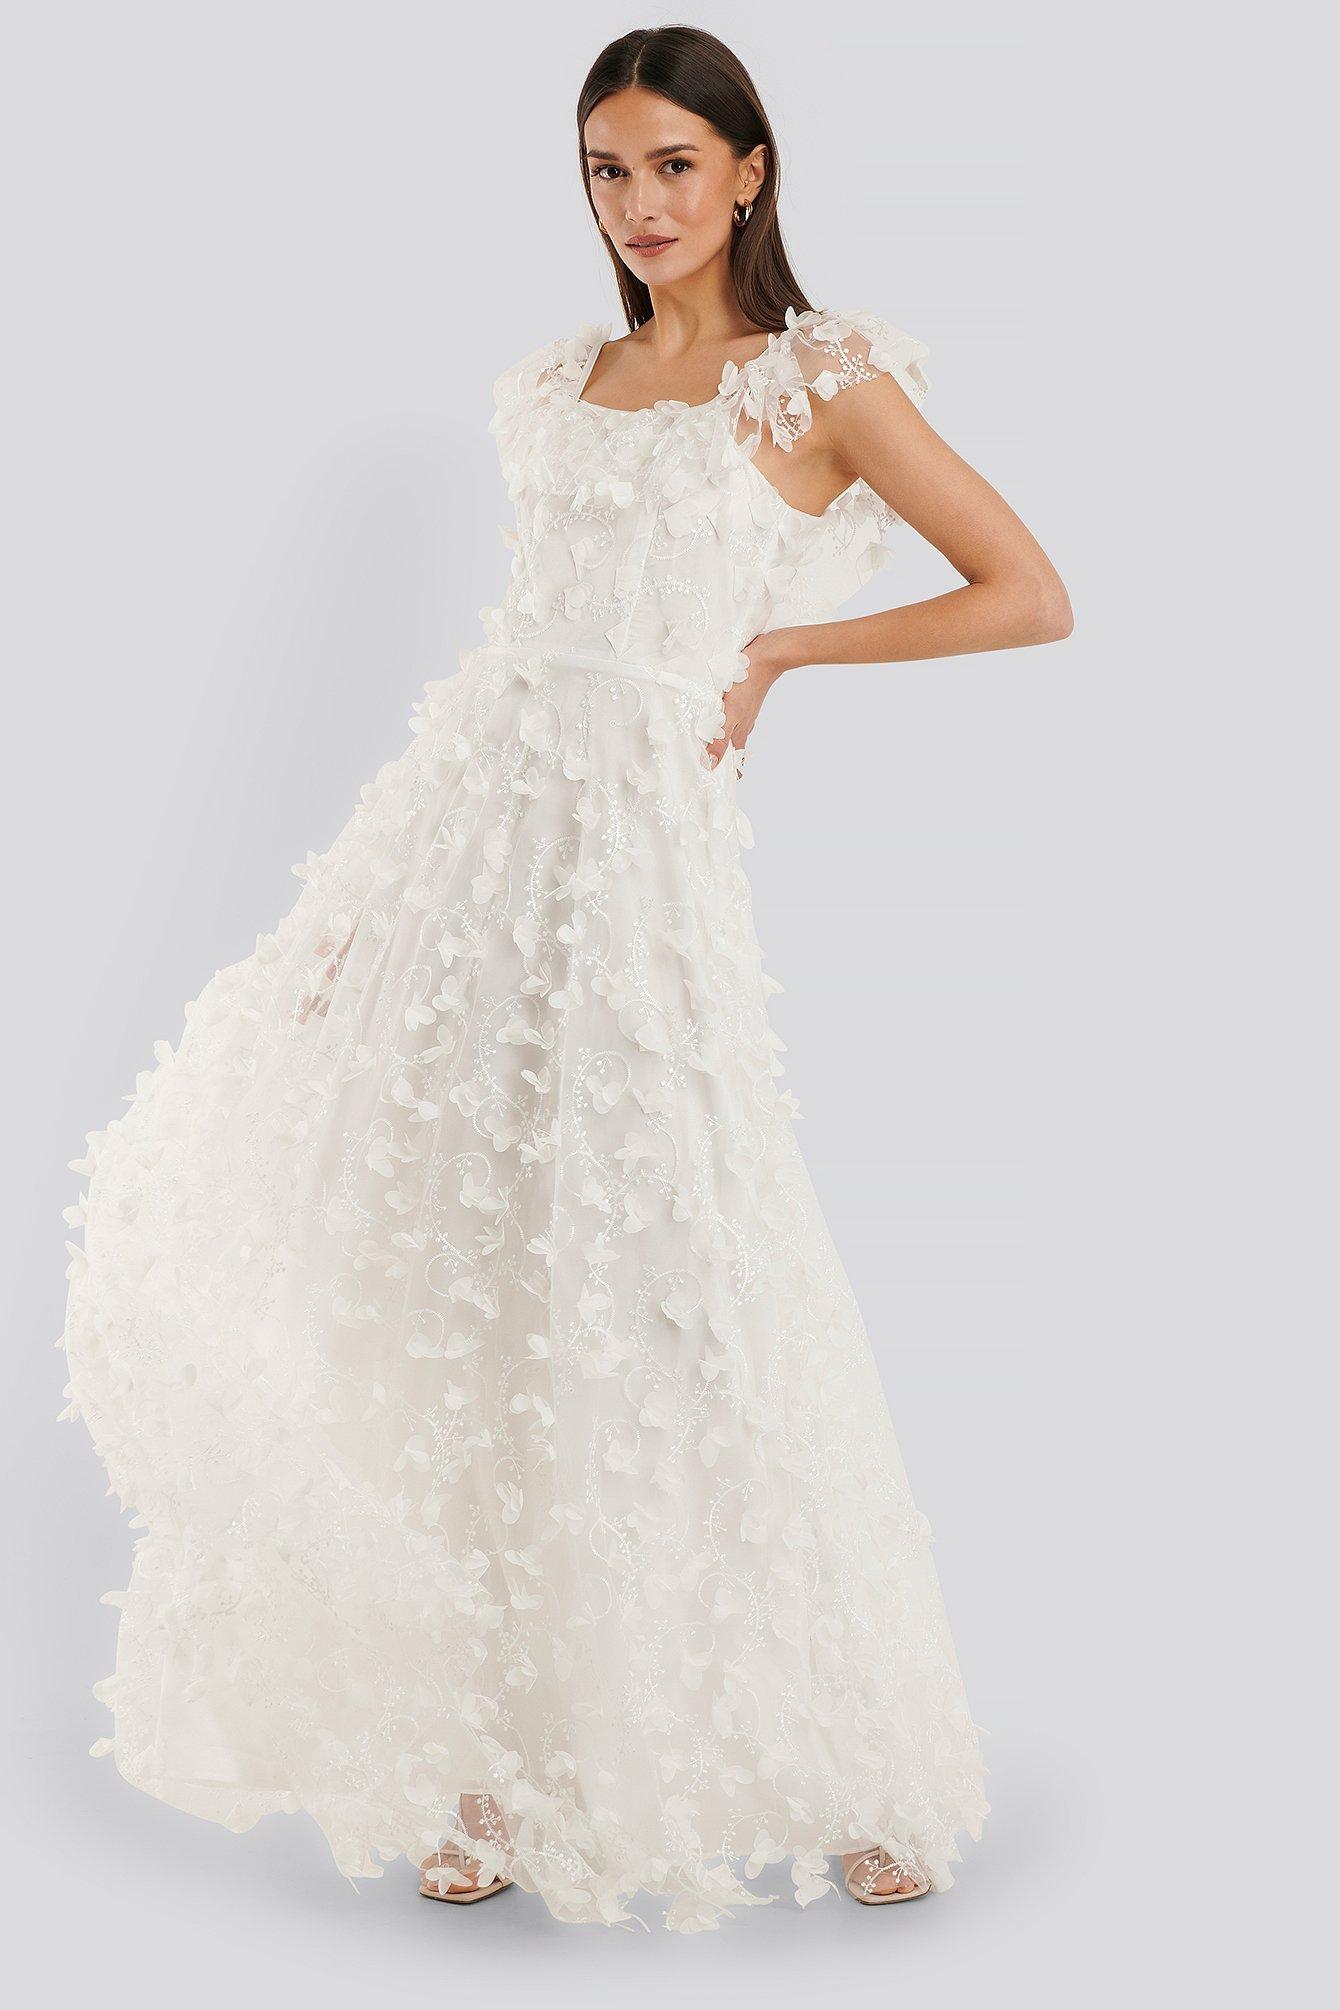 Vit bröllopsklänning i spets med korta ärmar.